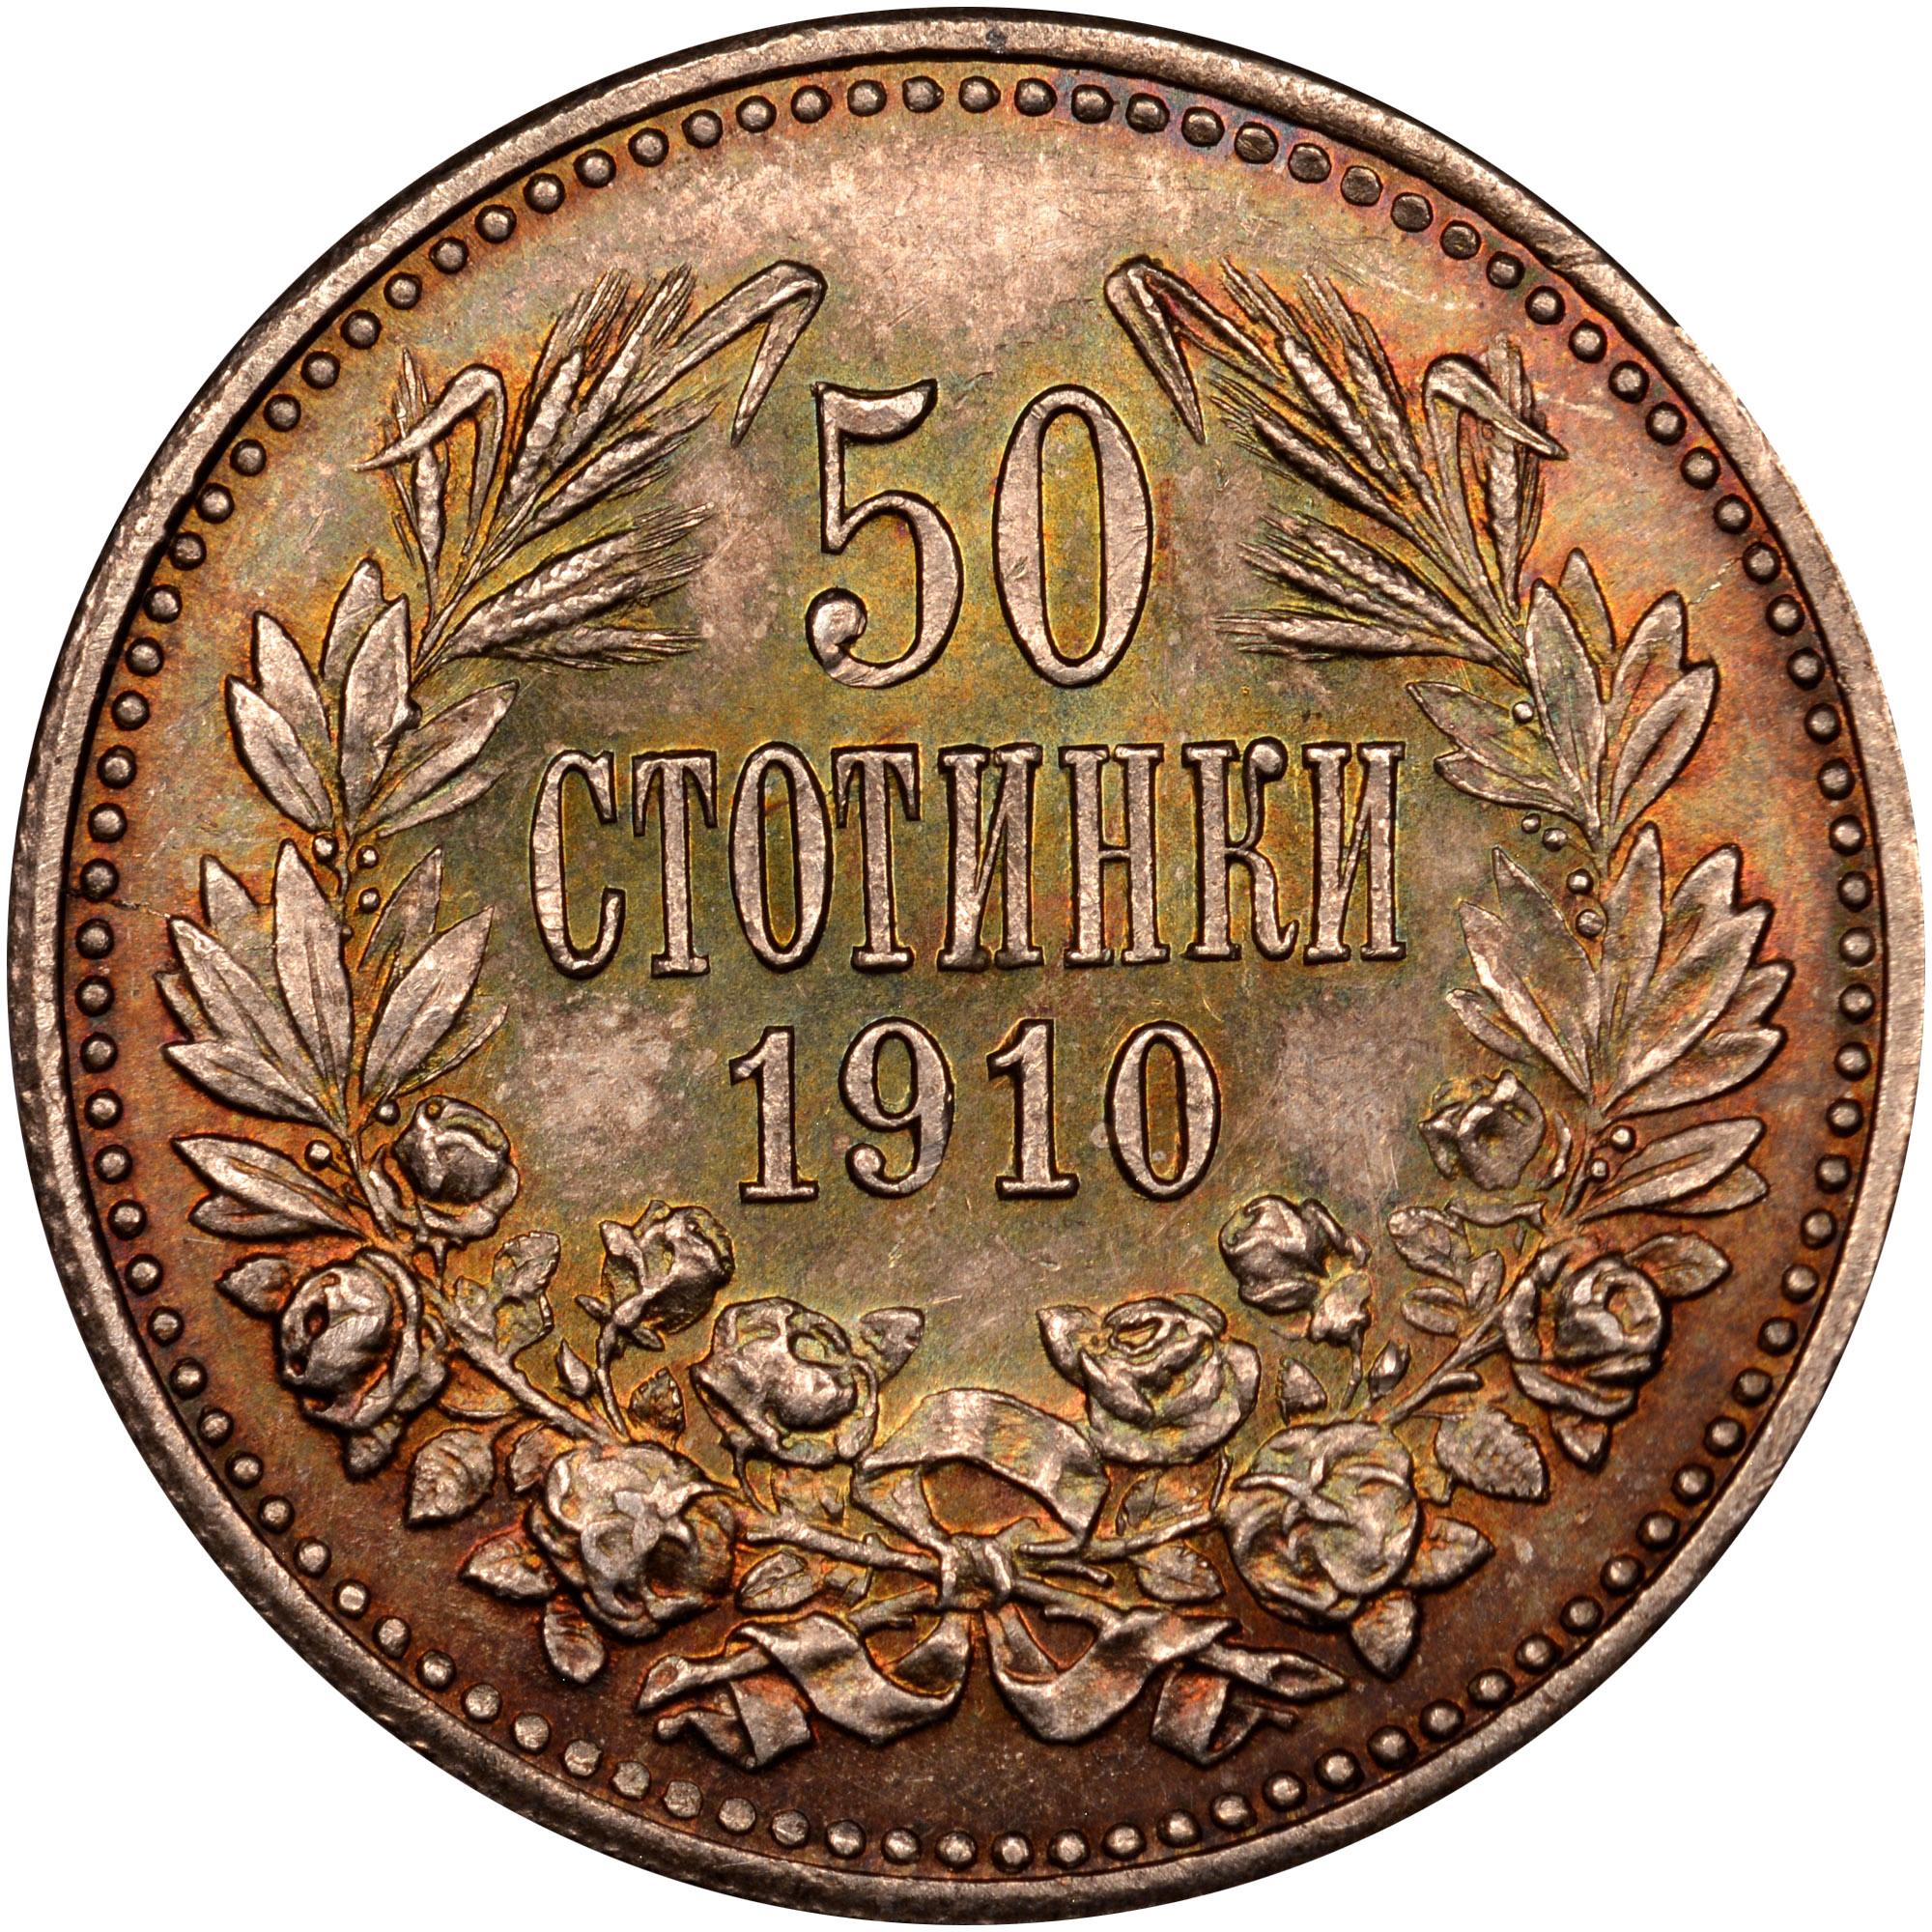 1910 Bulgaria 50 Stotinki reverse